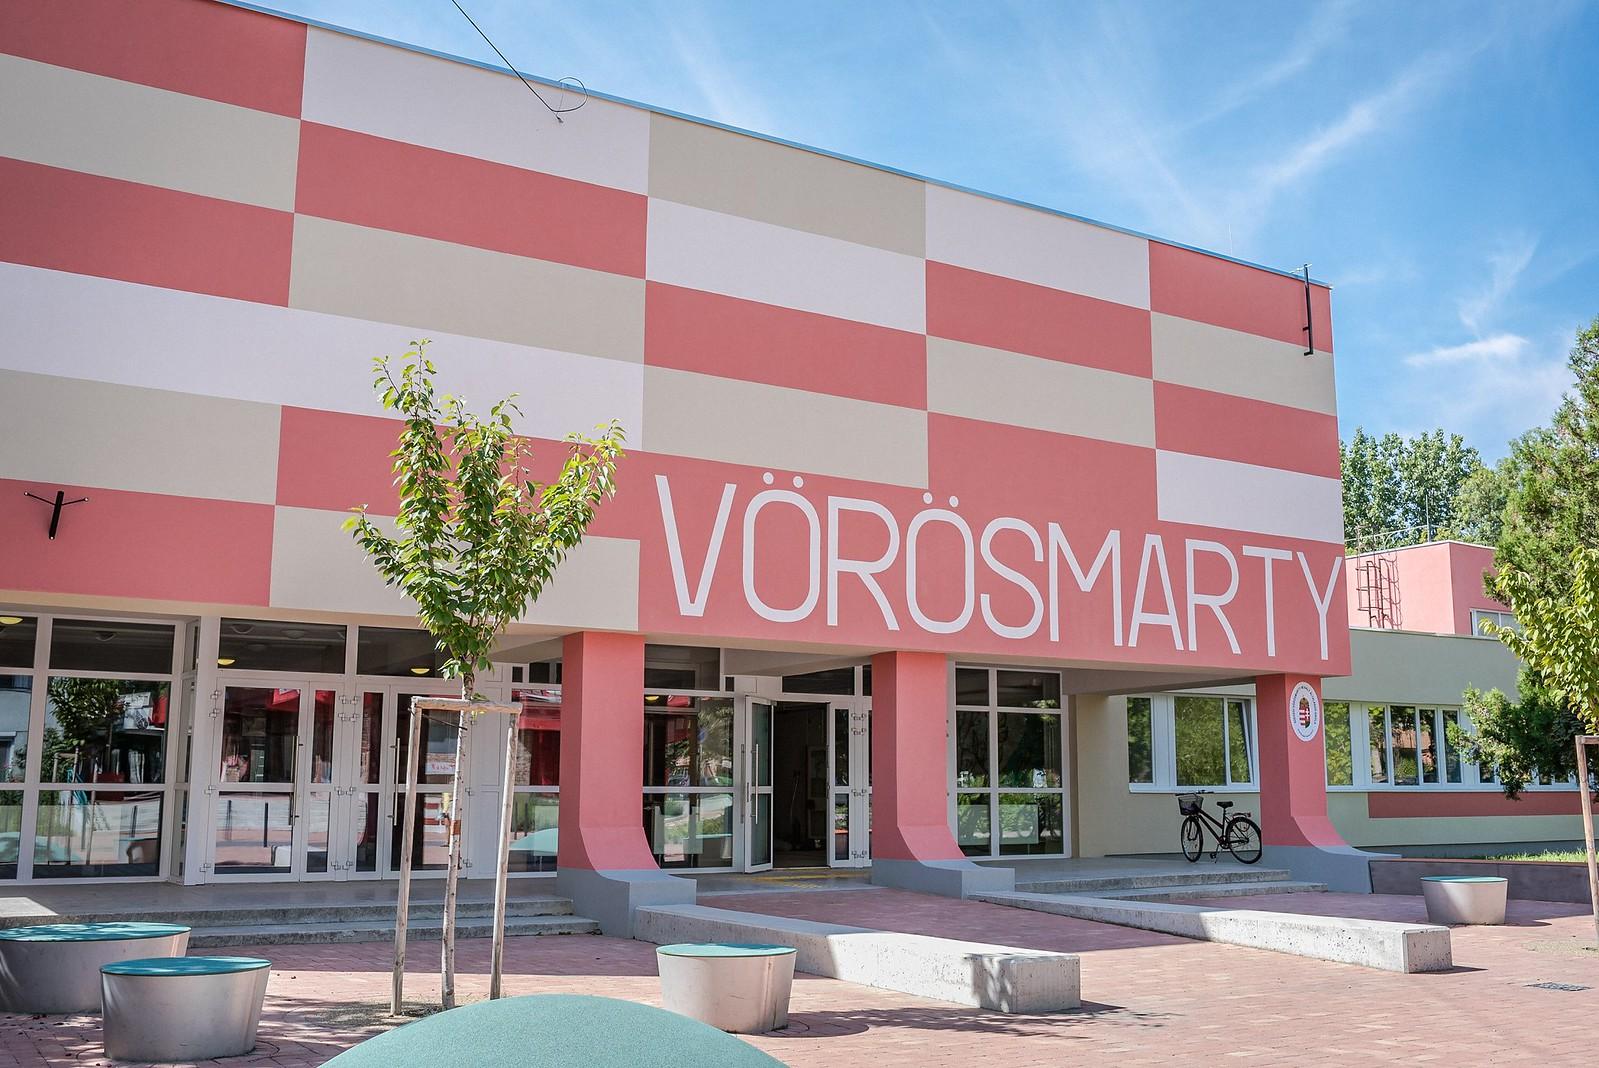 Elég klasszul fest a felújított Vörösmarty iskola